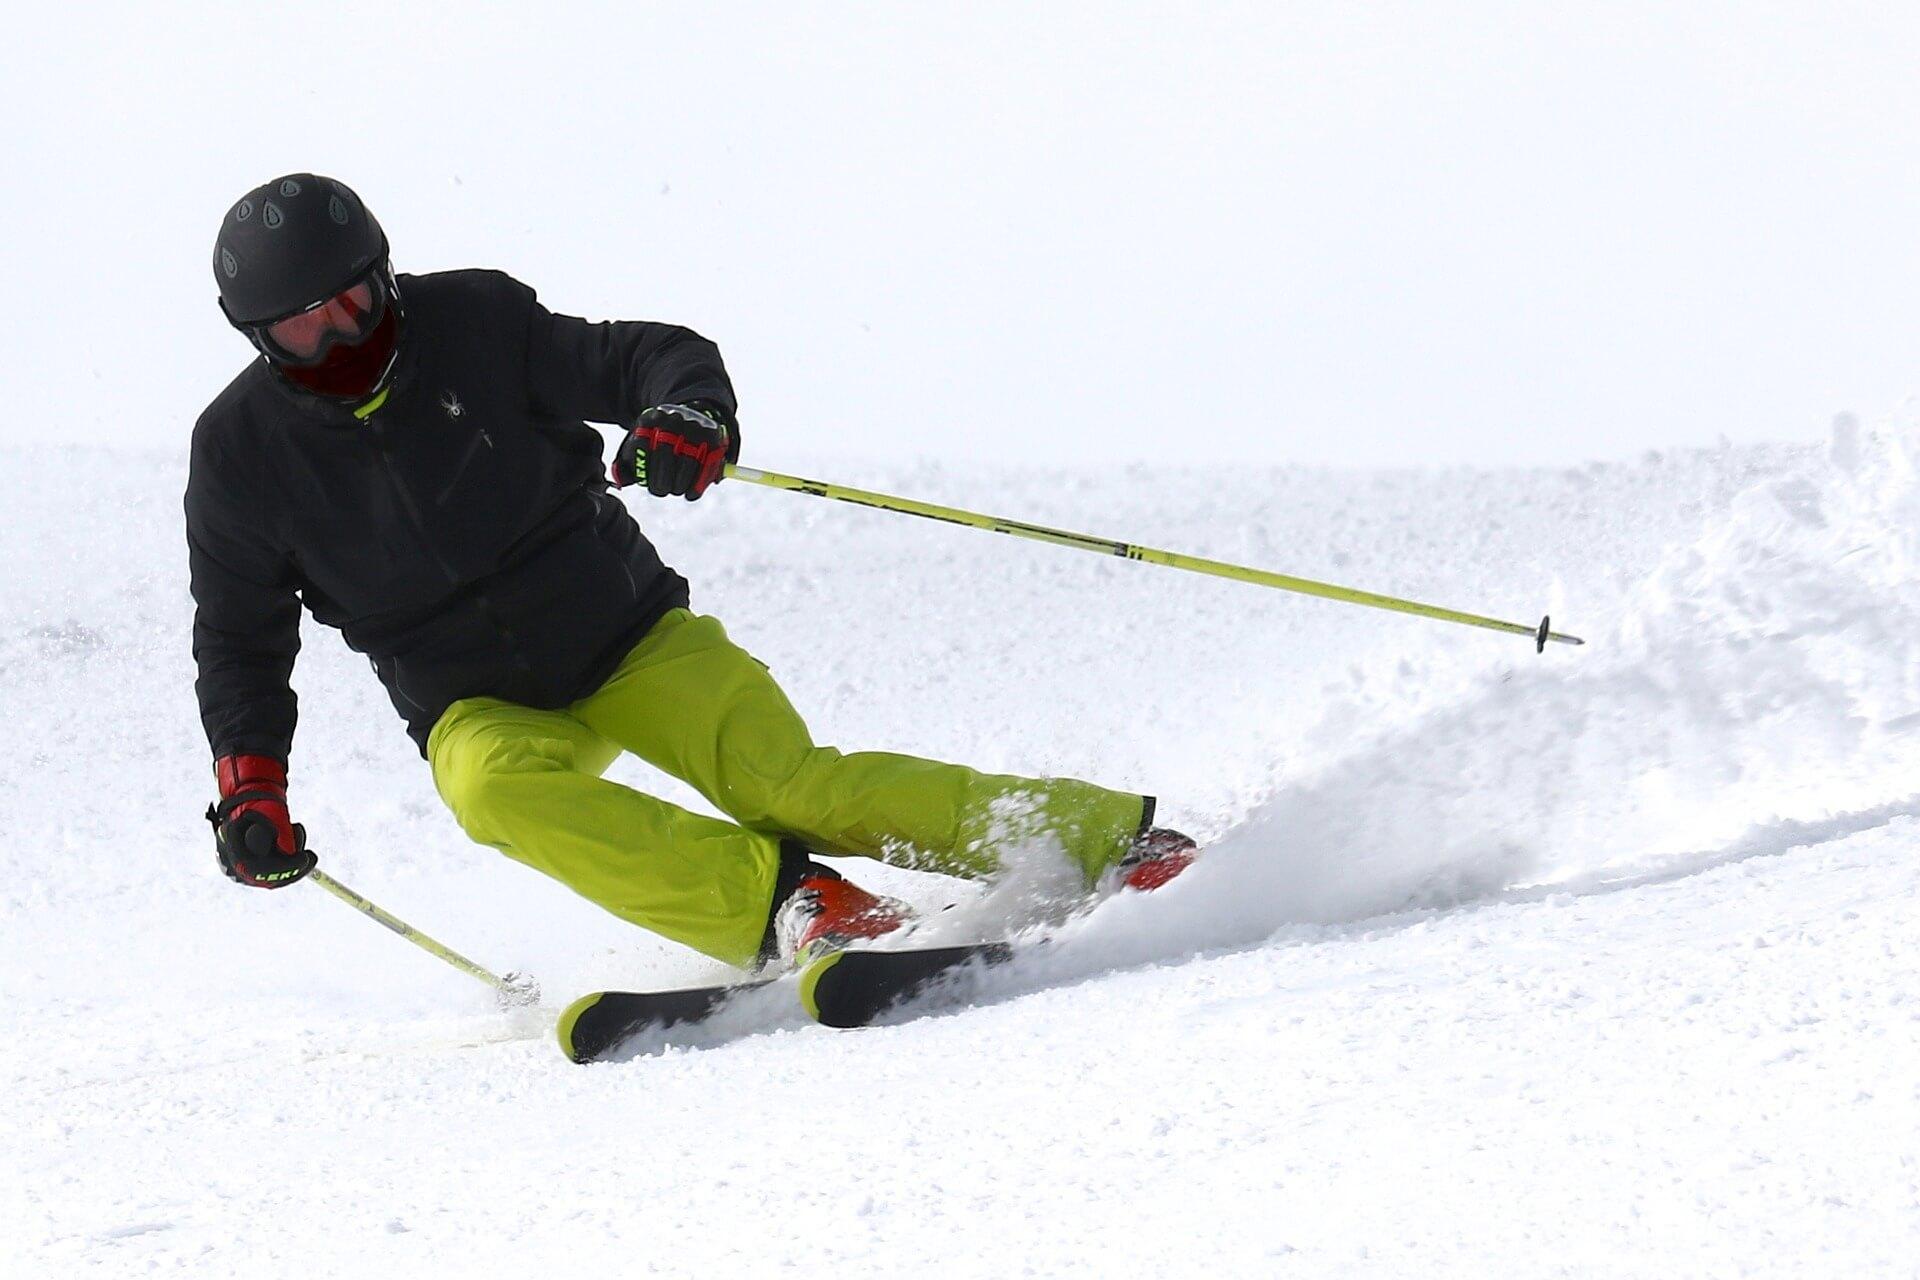 Bei der Skiausrüstung muss unbedingt auch auf den Schutz der Augen geachtet werden. Foto: Pixabay